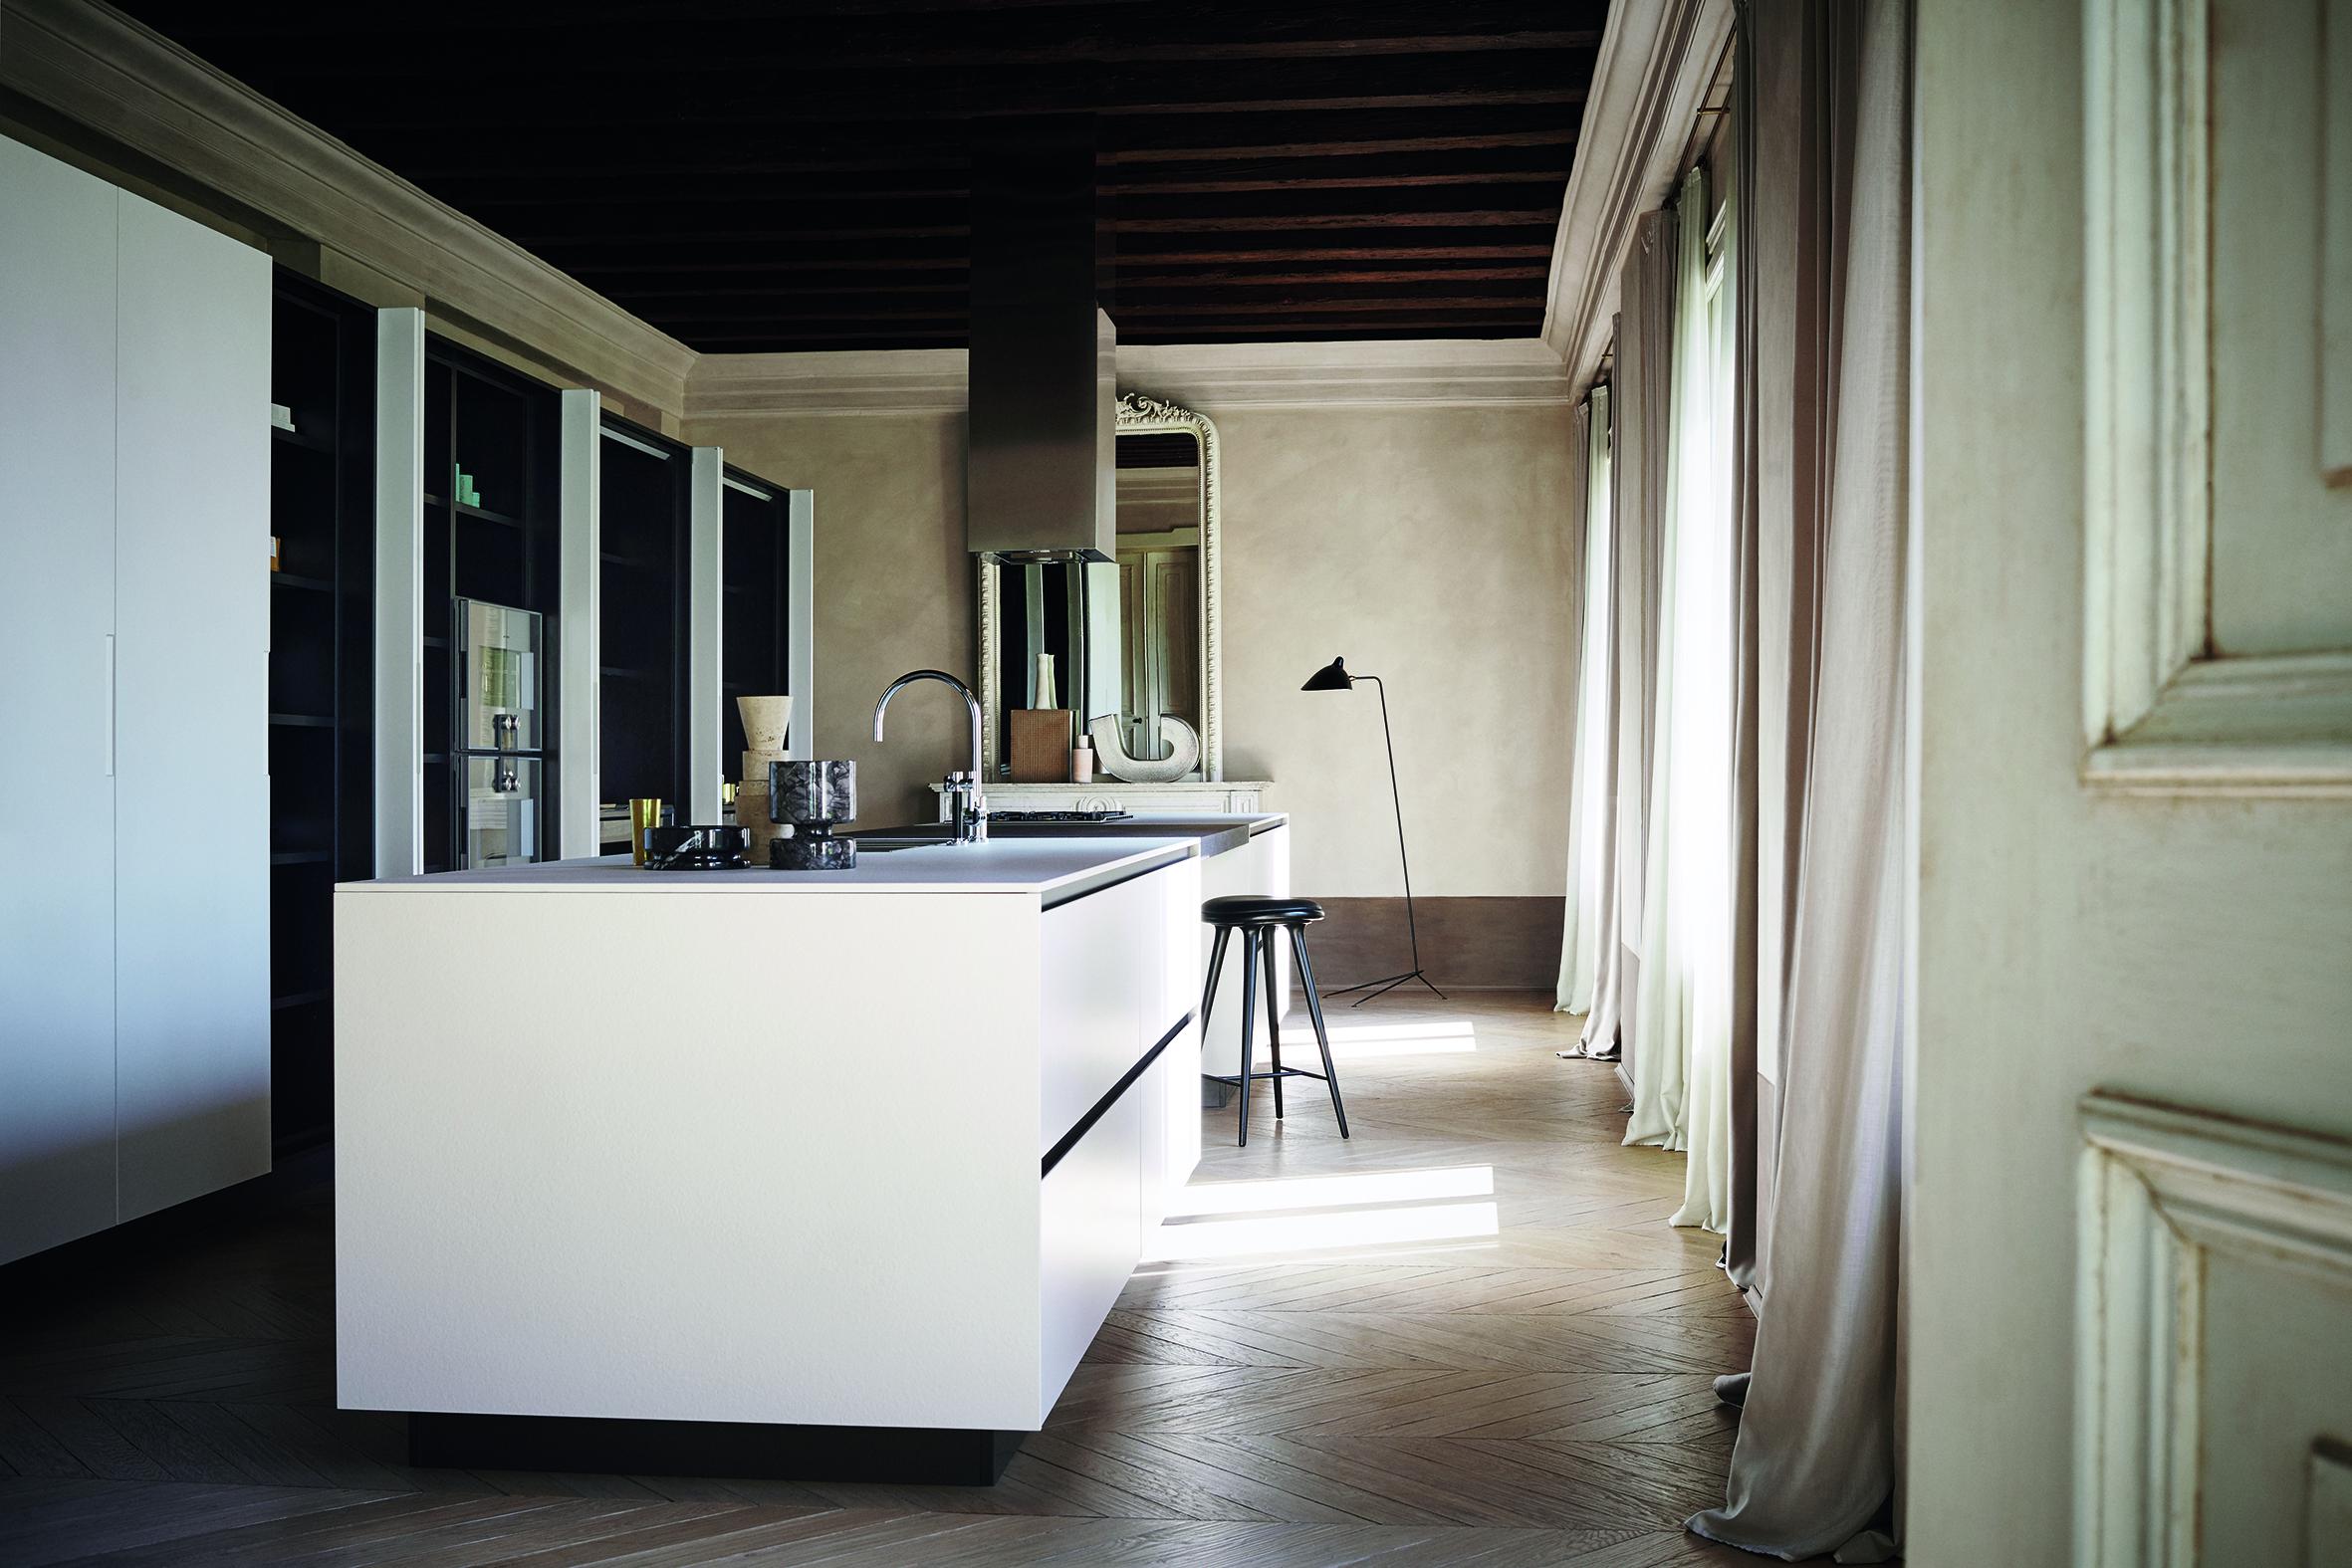 Maxima 2 2 kitchen by cesar for Bergamin arredamenti mestre